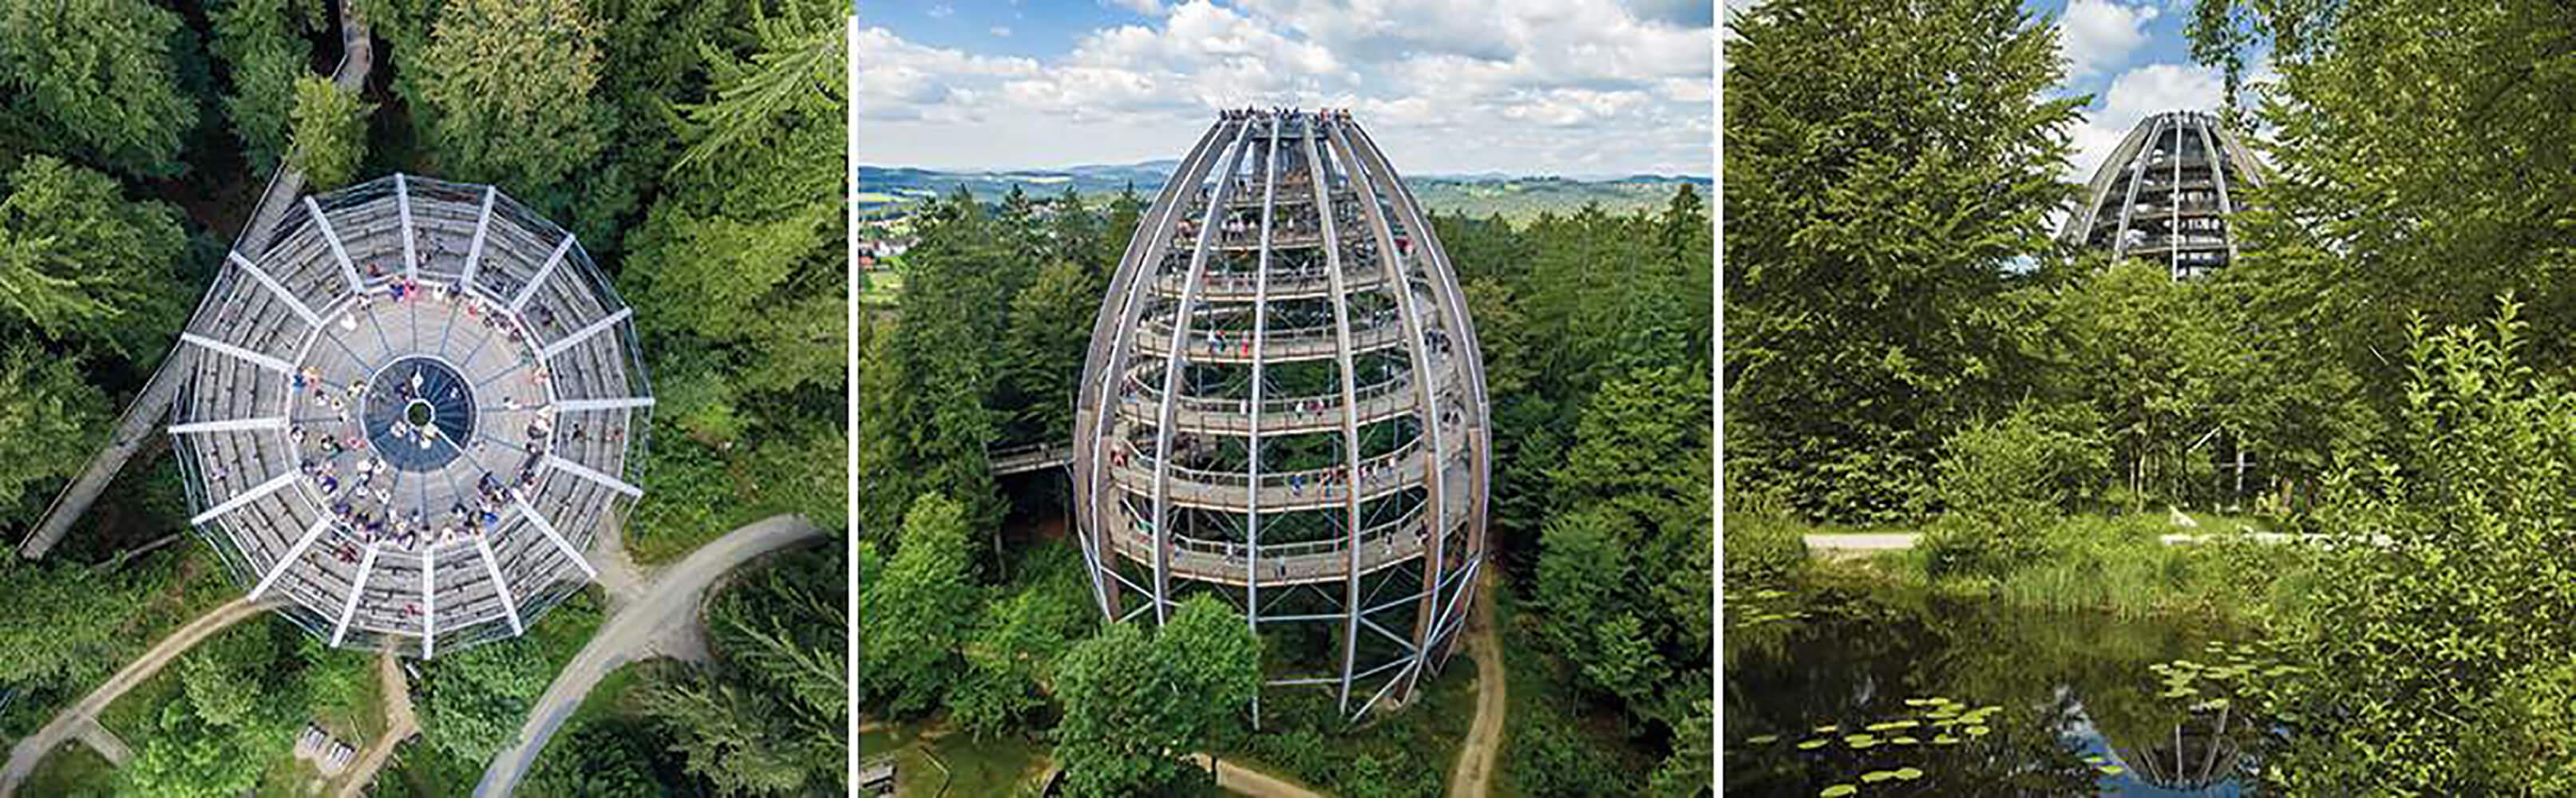 Der Baumwipfelpfad im Bayerischen Wald 1